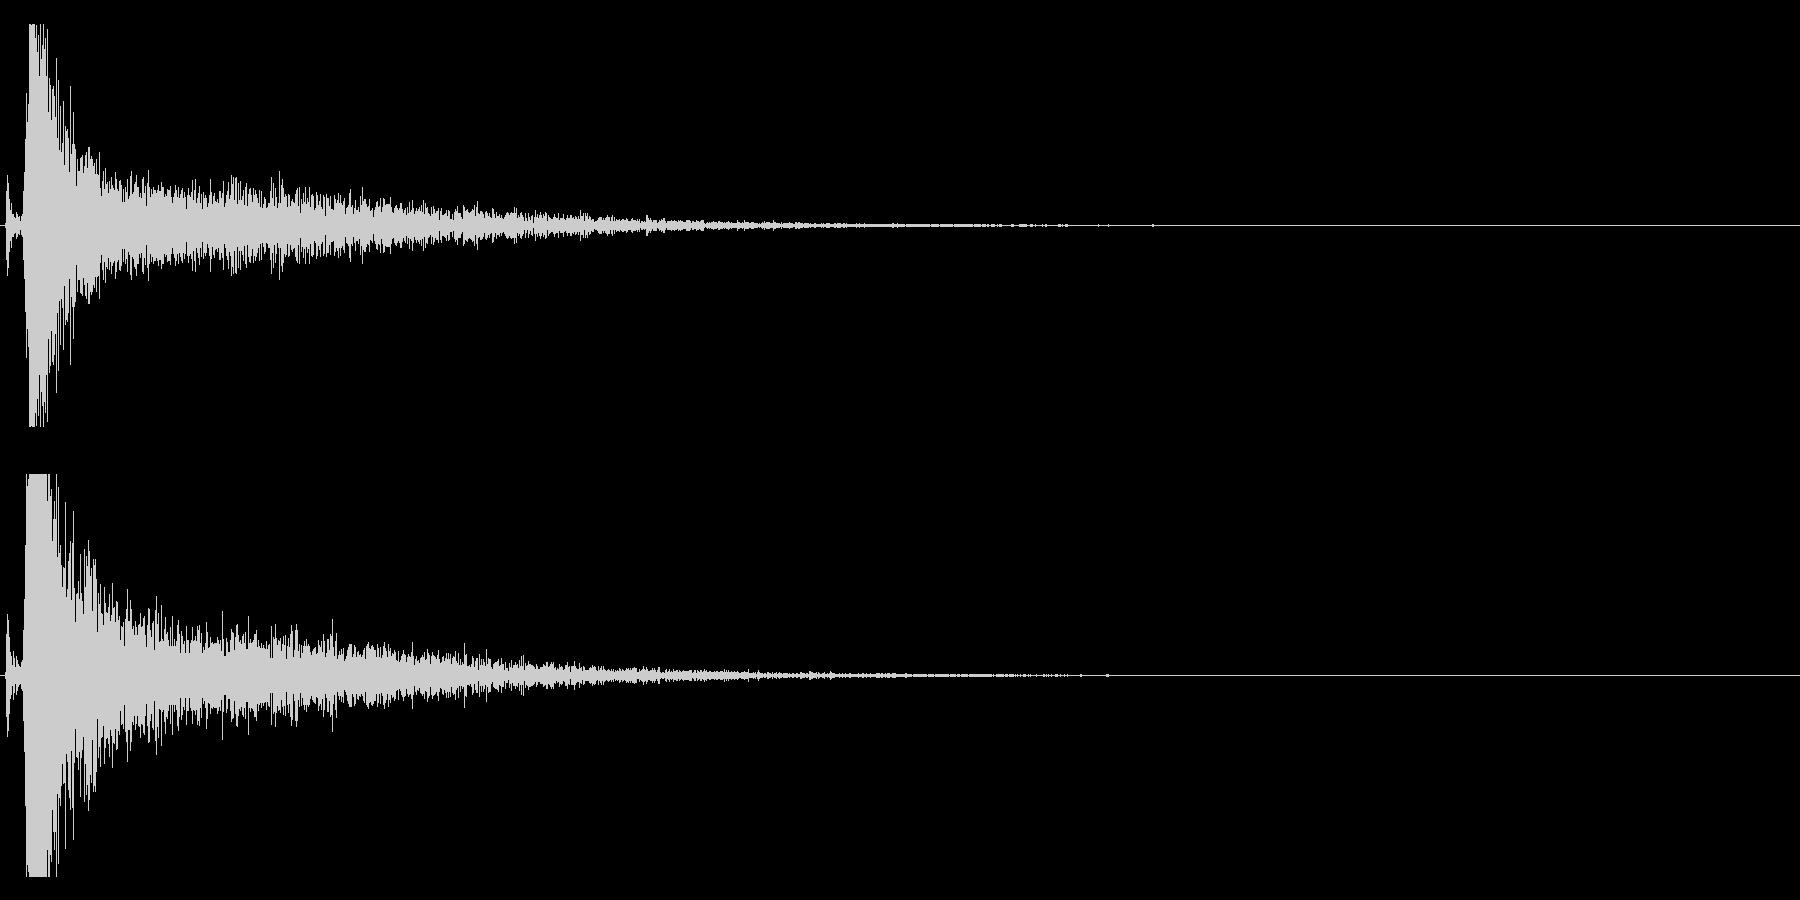 【生録音】側溝の金属の蓋を踏みつける音の未再生の波形